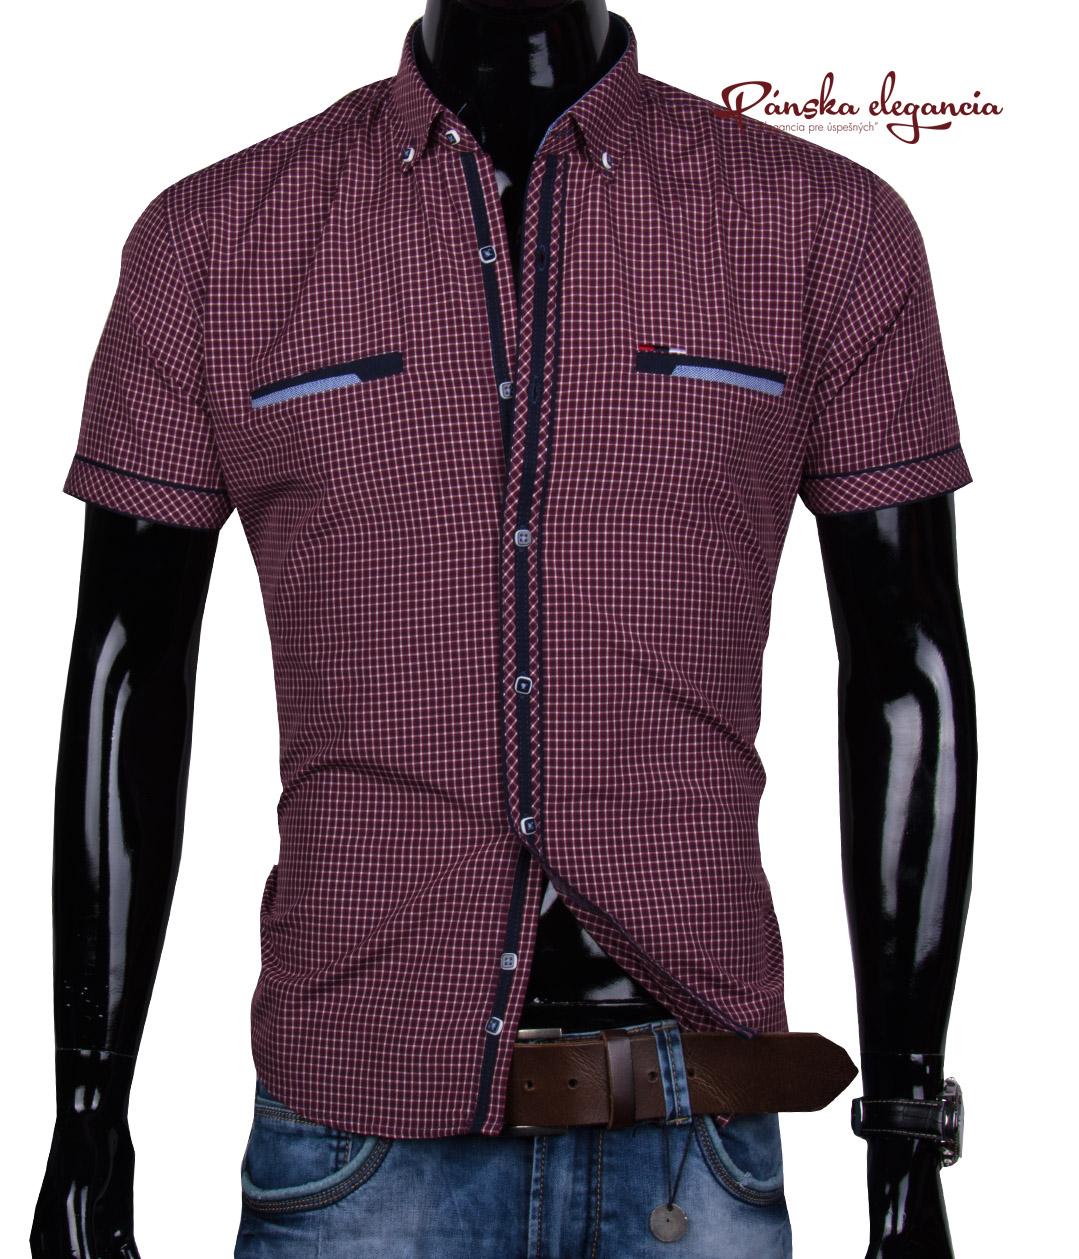 40024-DS-K-1 Pánska károvaná košeľa - krátky rukáv.